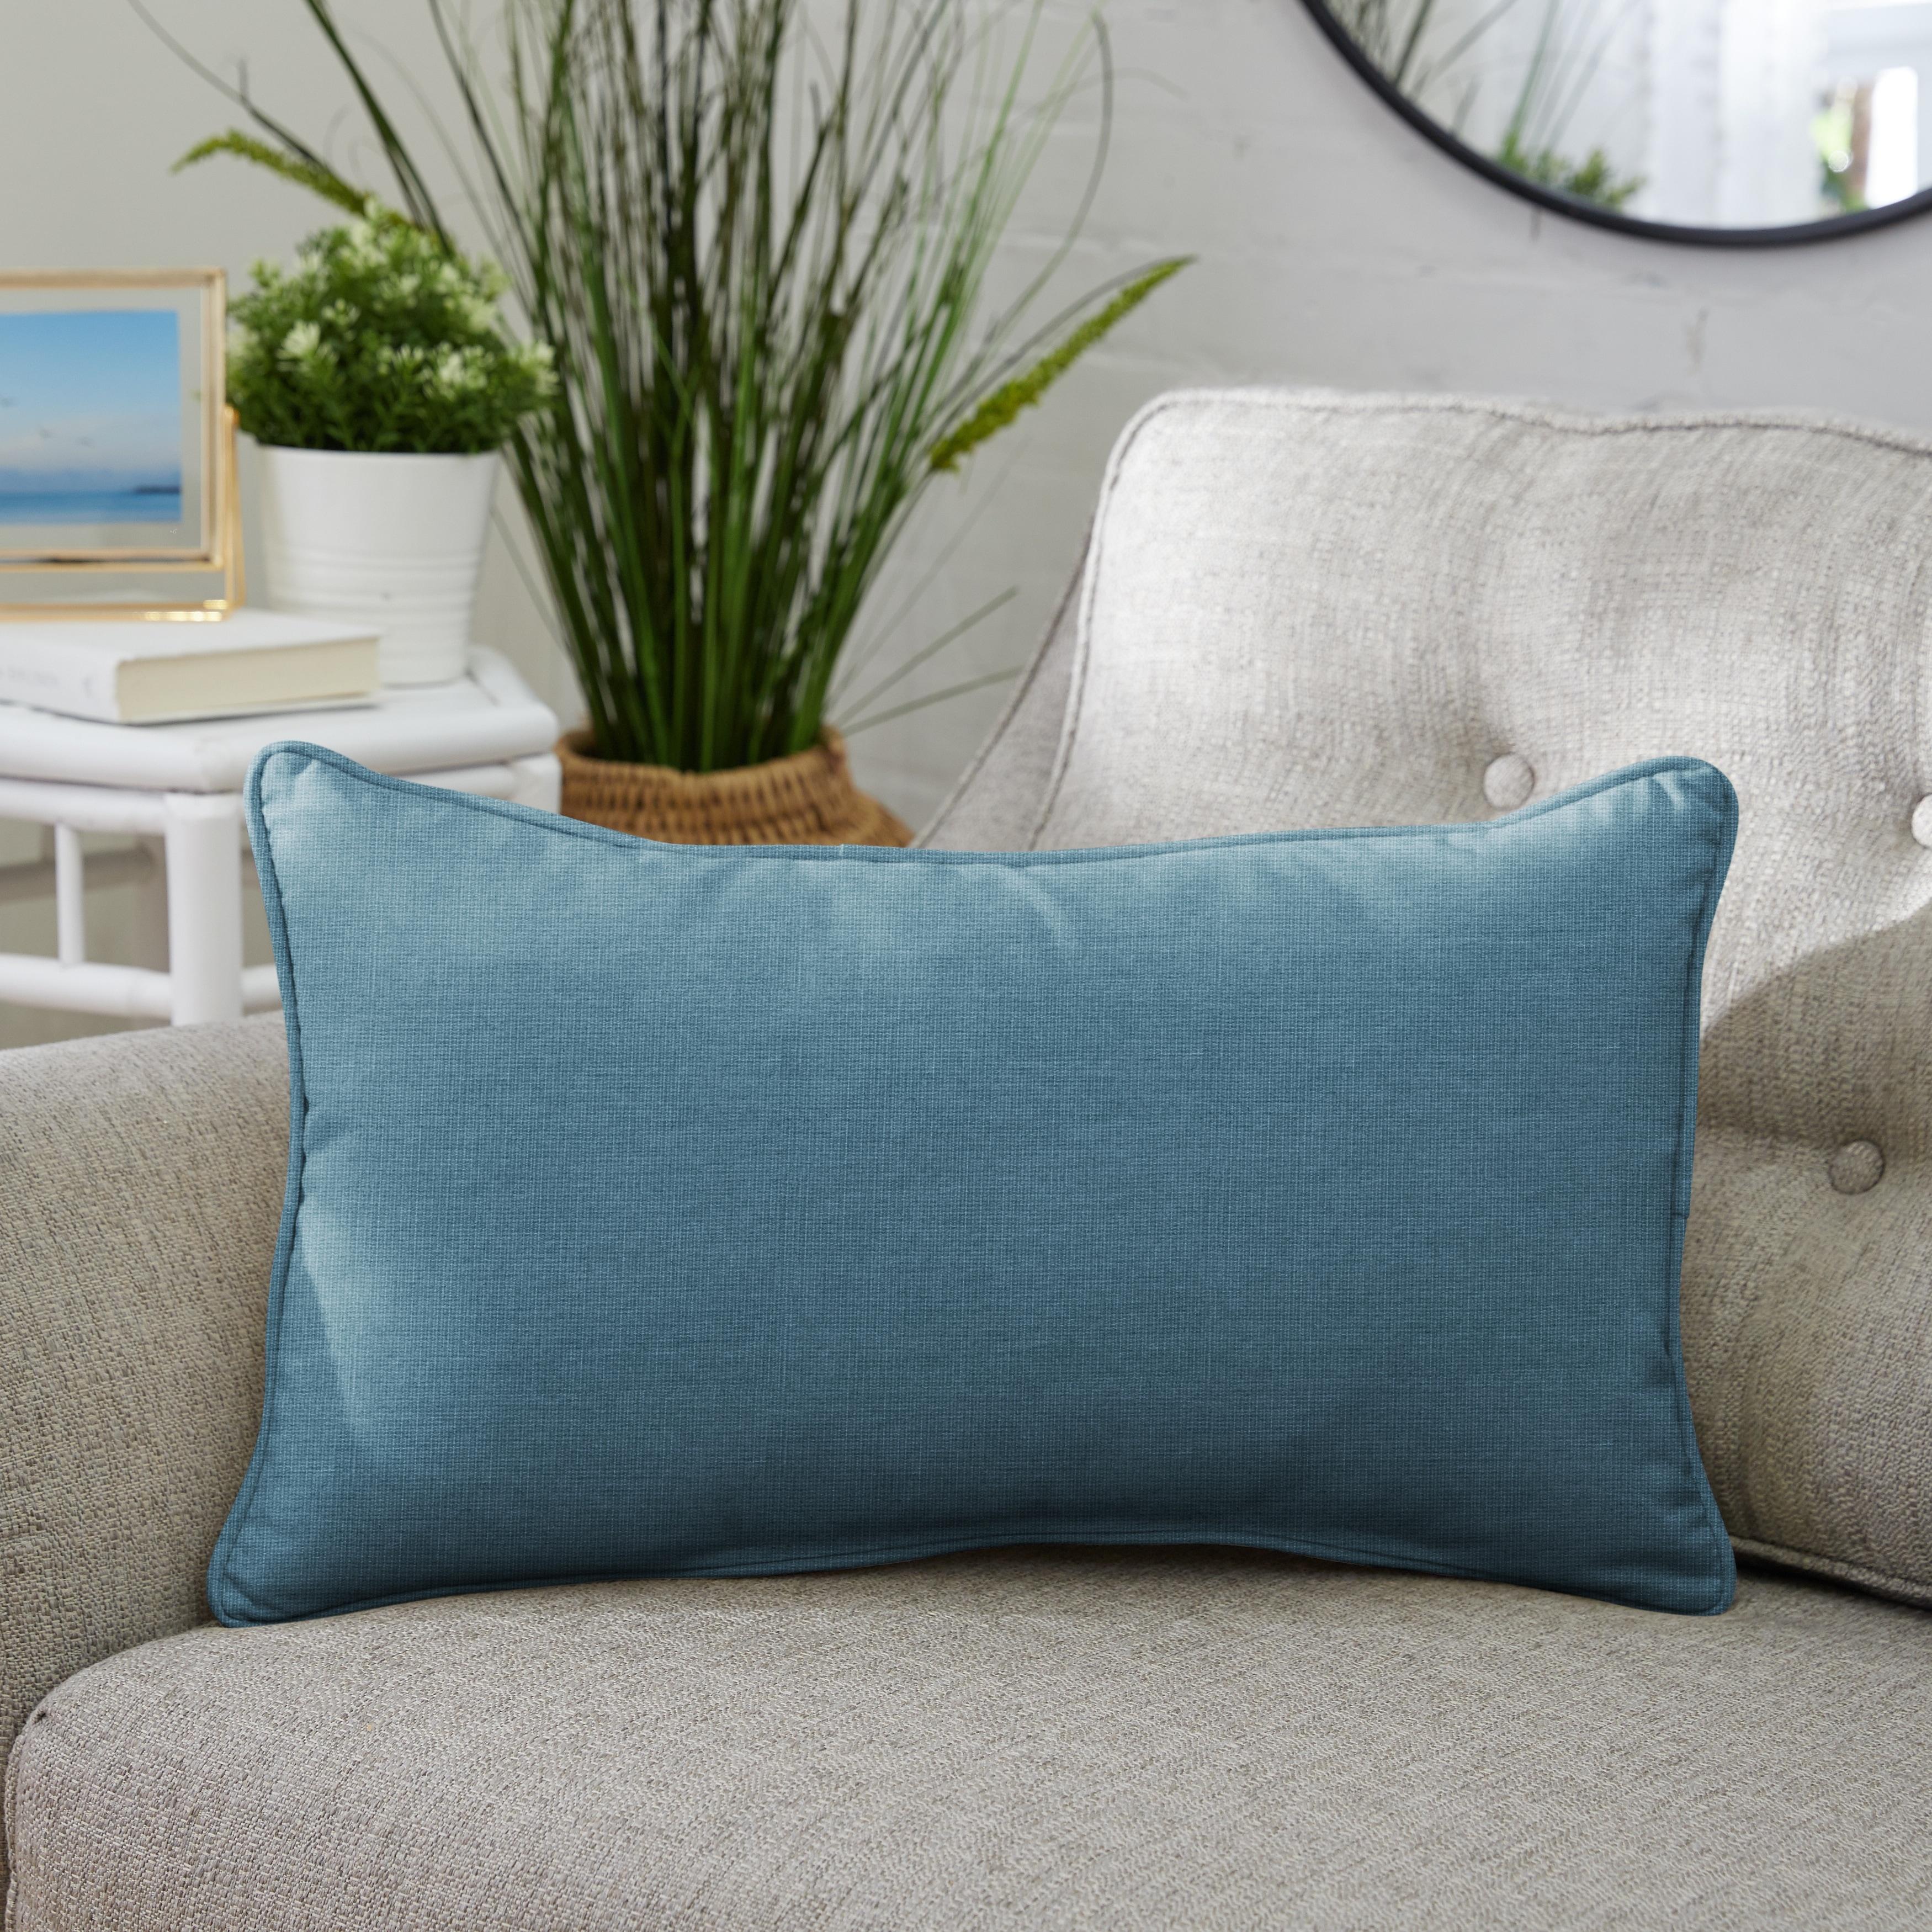 Sunbrella Indoor Outdoor Corded Lumbar Pillow Set Of 2 On Sale Overstock 8933340